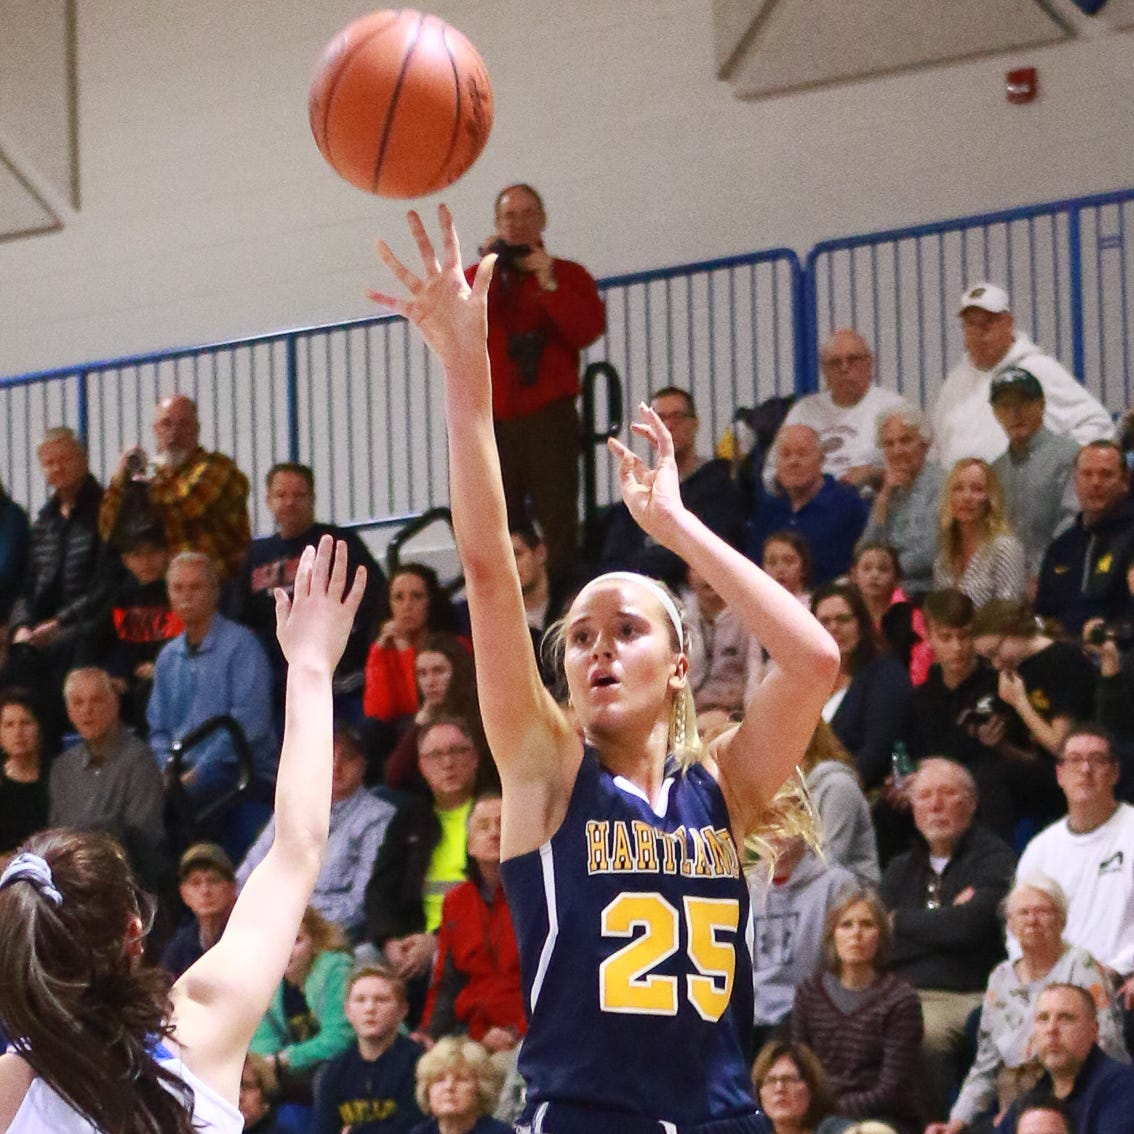 Hartland girls hope to 'break that door open' in basketball quarterfinals